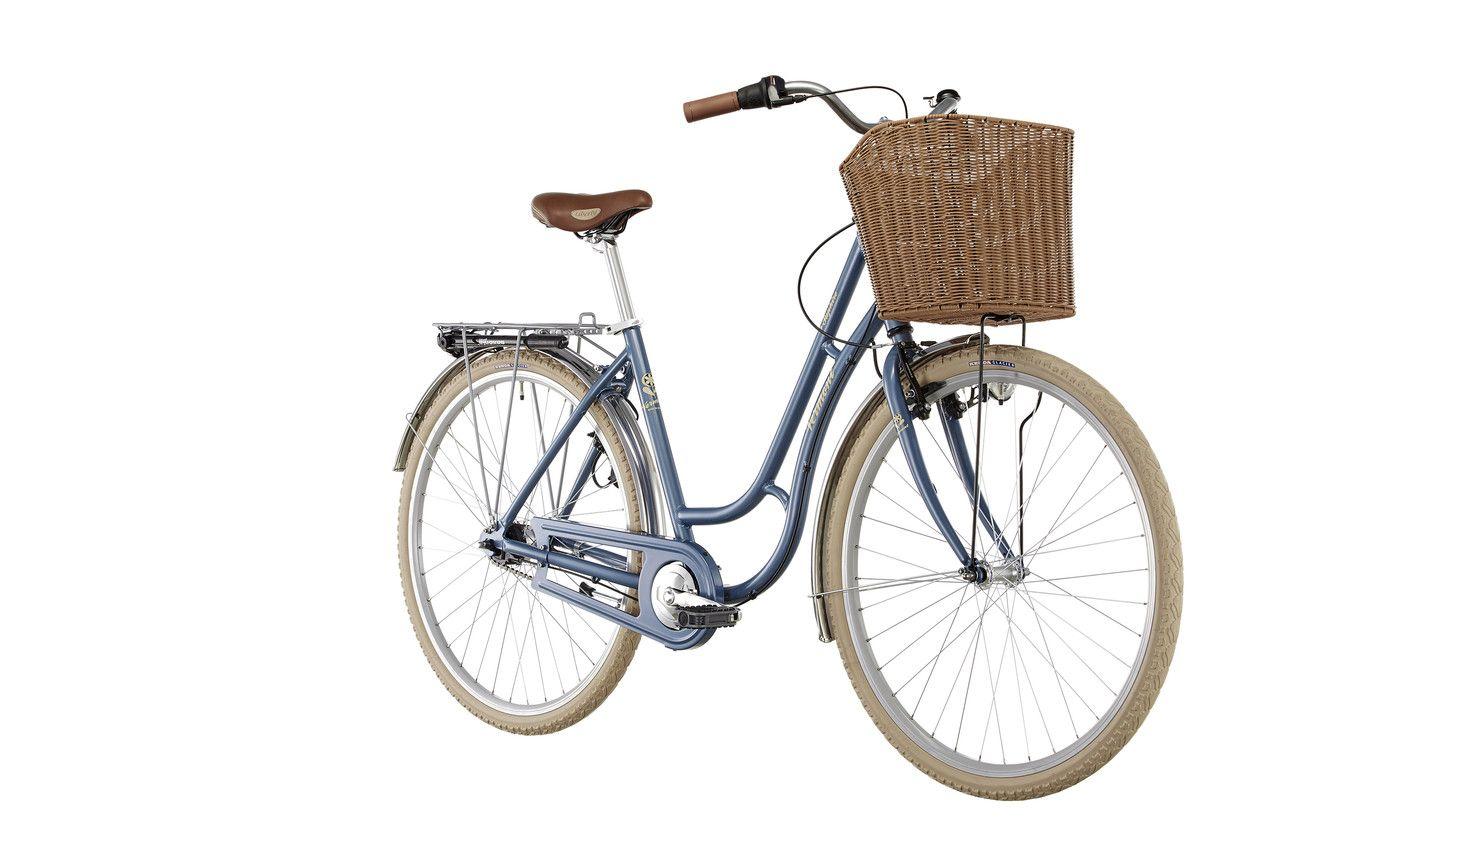 Vermont Saphire 7s blau online kaufen bei Bikester | Fahrrad